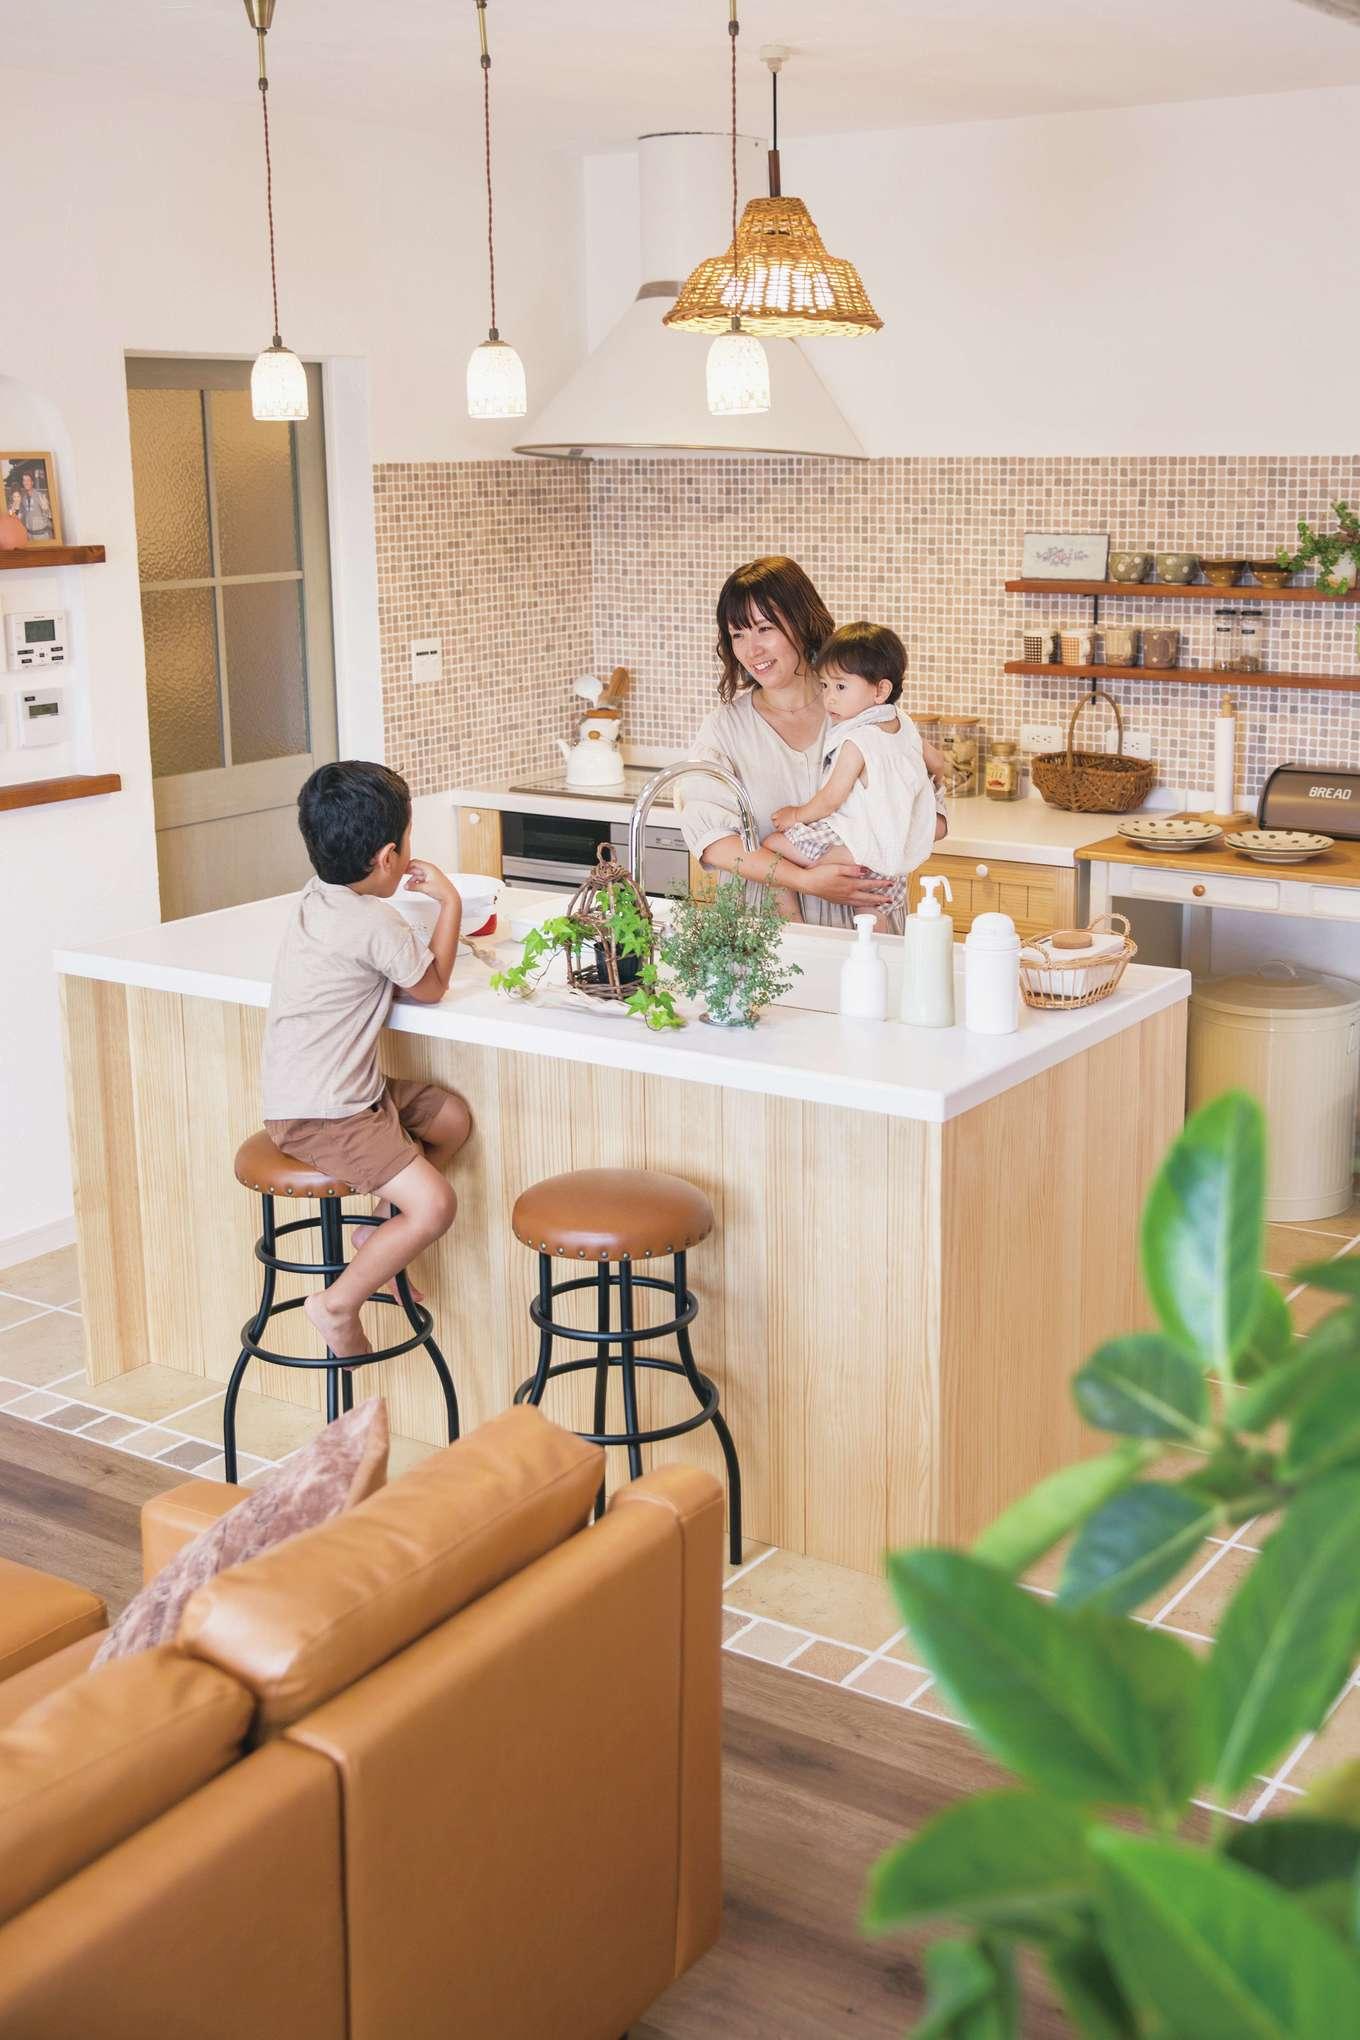 casa carina 浜北(内藤材木店)【デザイン住宅、自然素材、インテリア】コンロとシンクを分けた並列型のキッチン。デザインと機能性を両立し、奥さまの家事効率もUP!